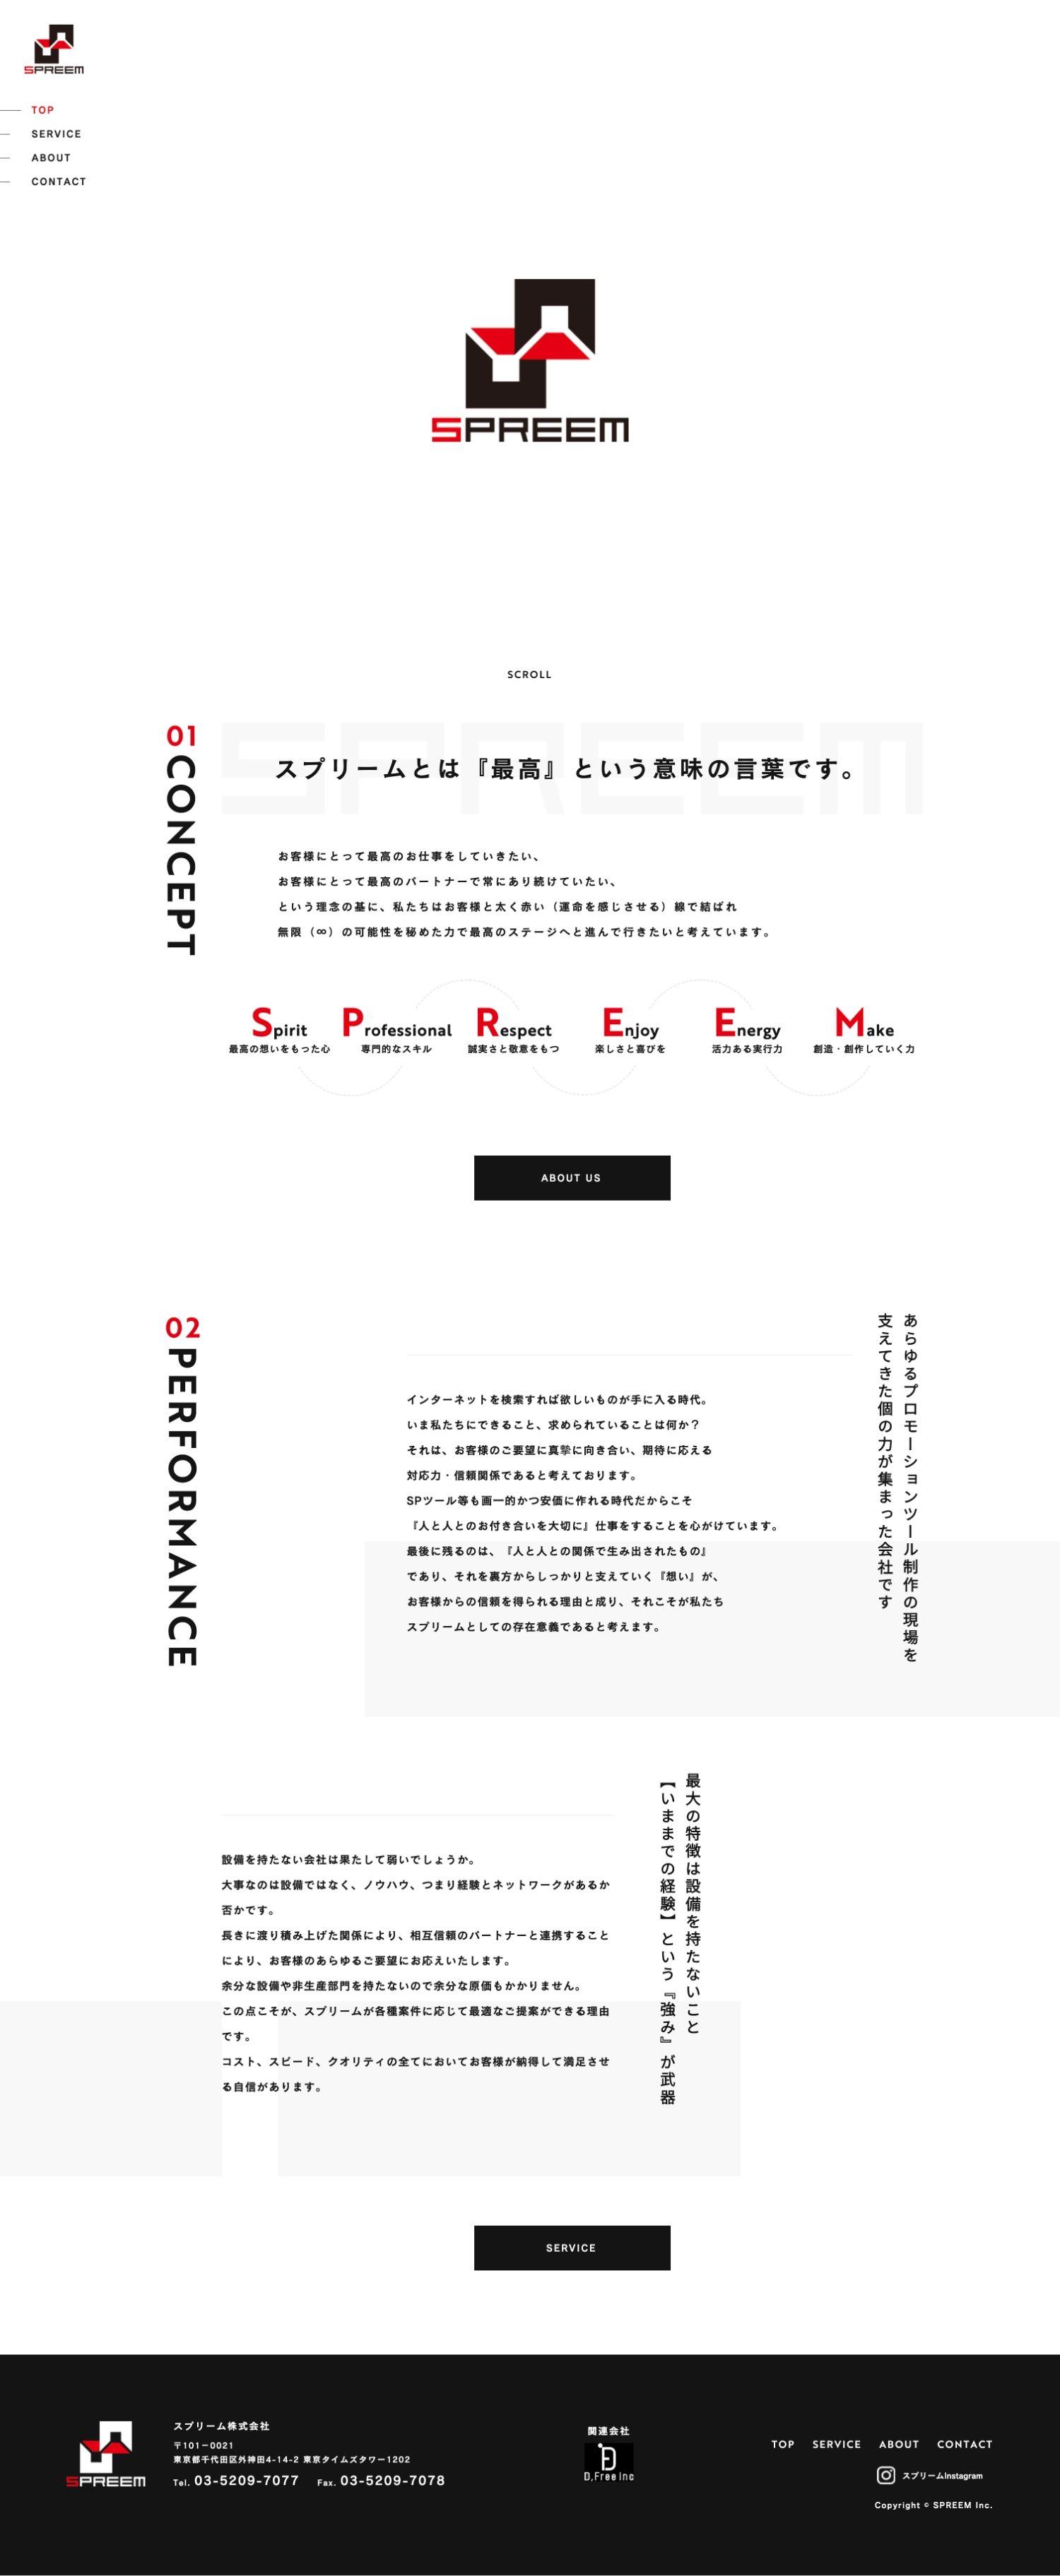 制作事例イメージ1